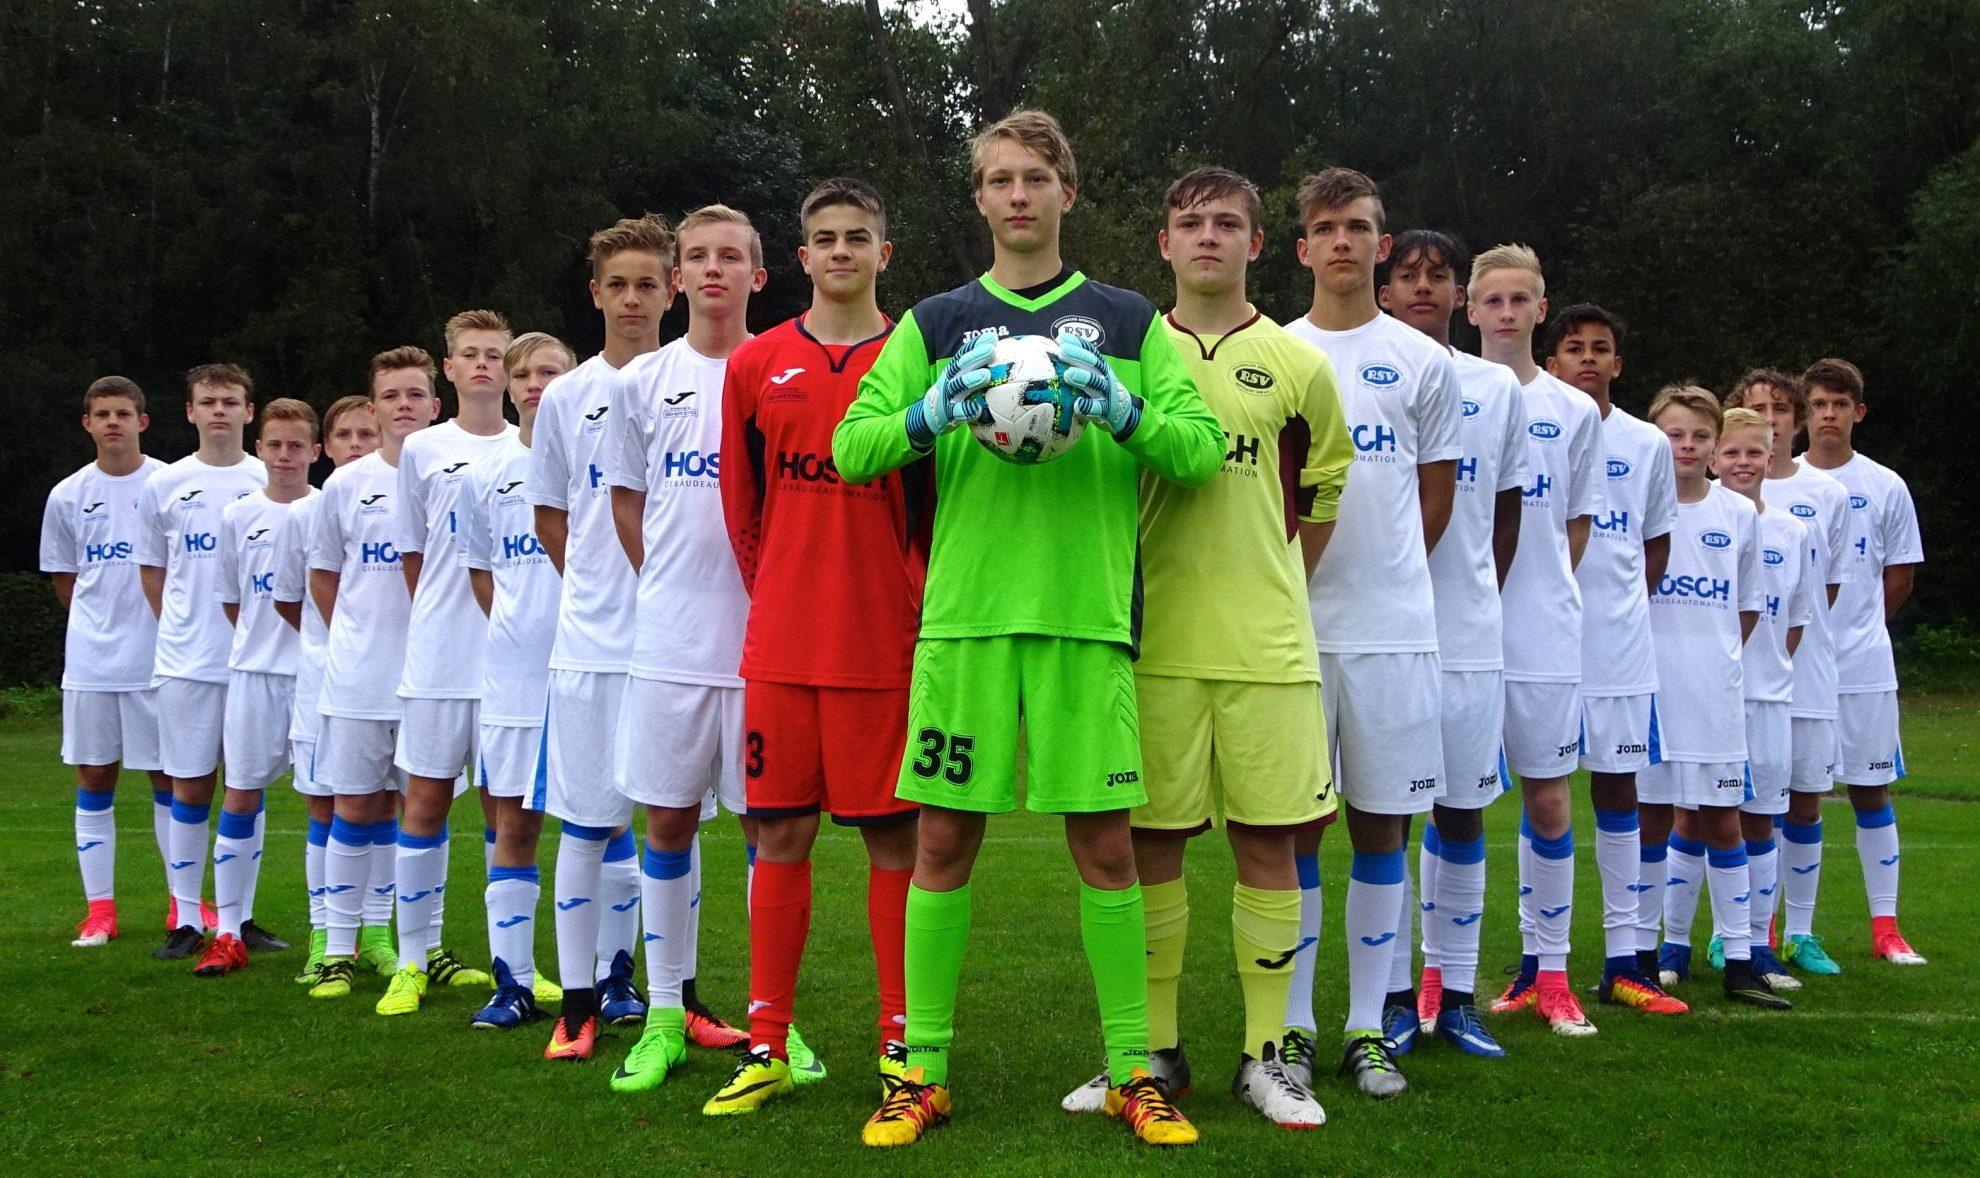 RSV Eintracht Fußballjugend